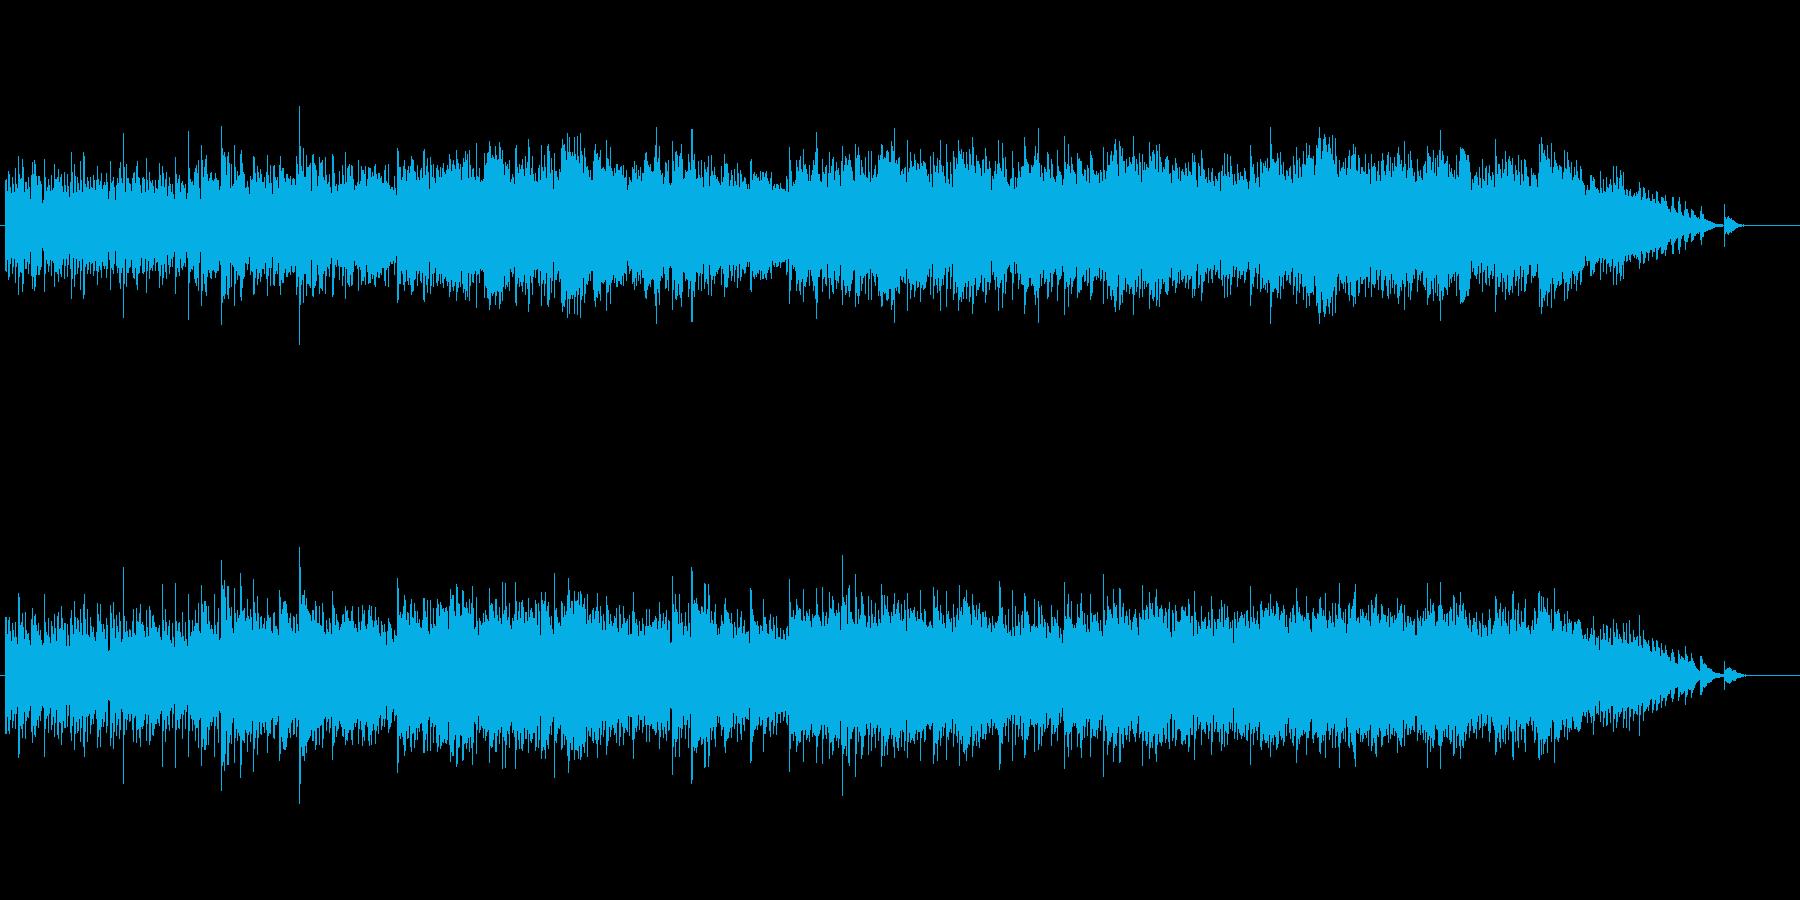 美しいアコースティック・ギターの調べの再生済みの波形